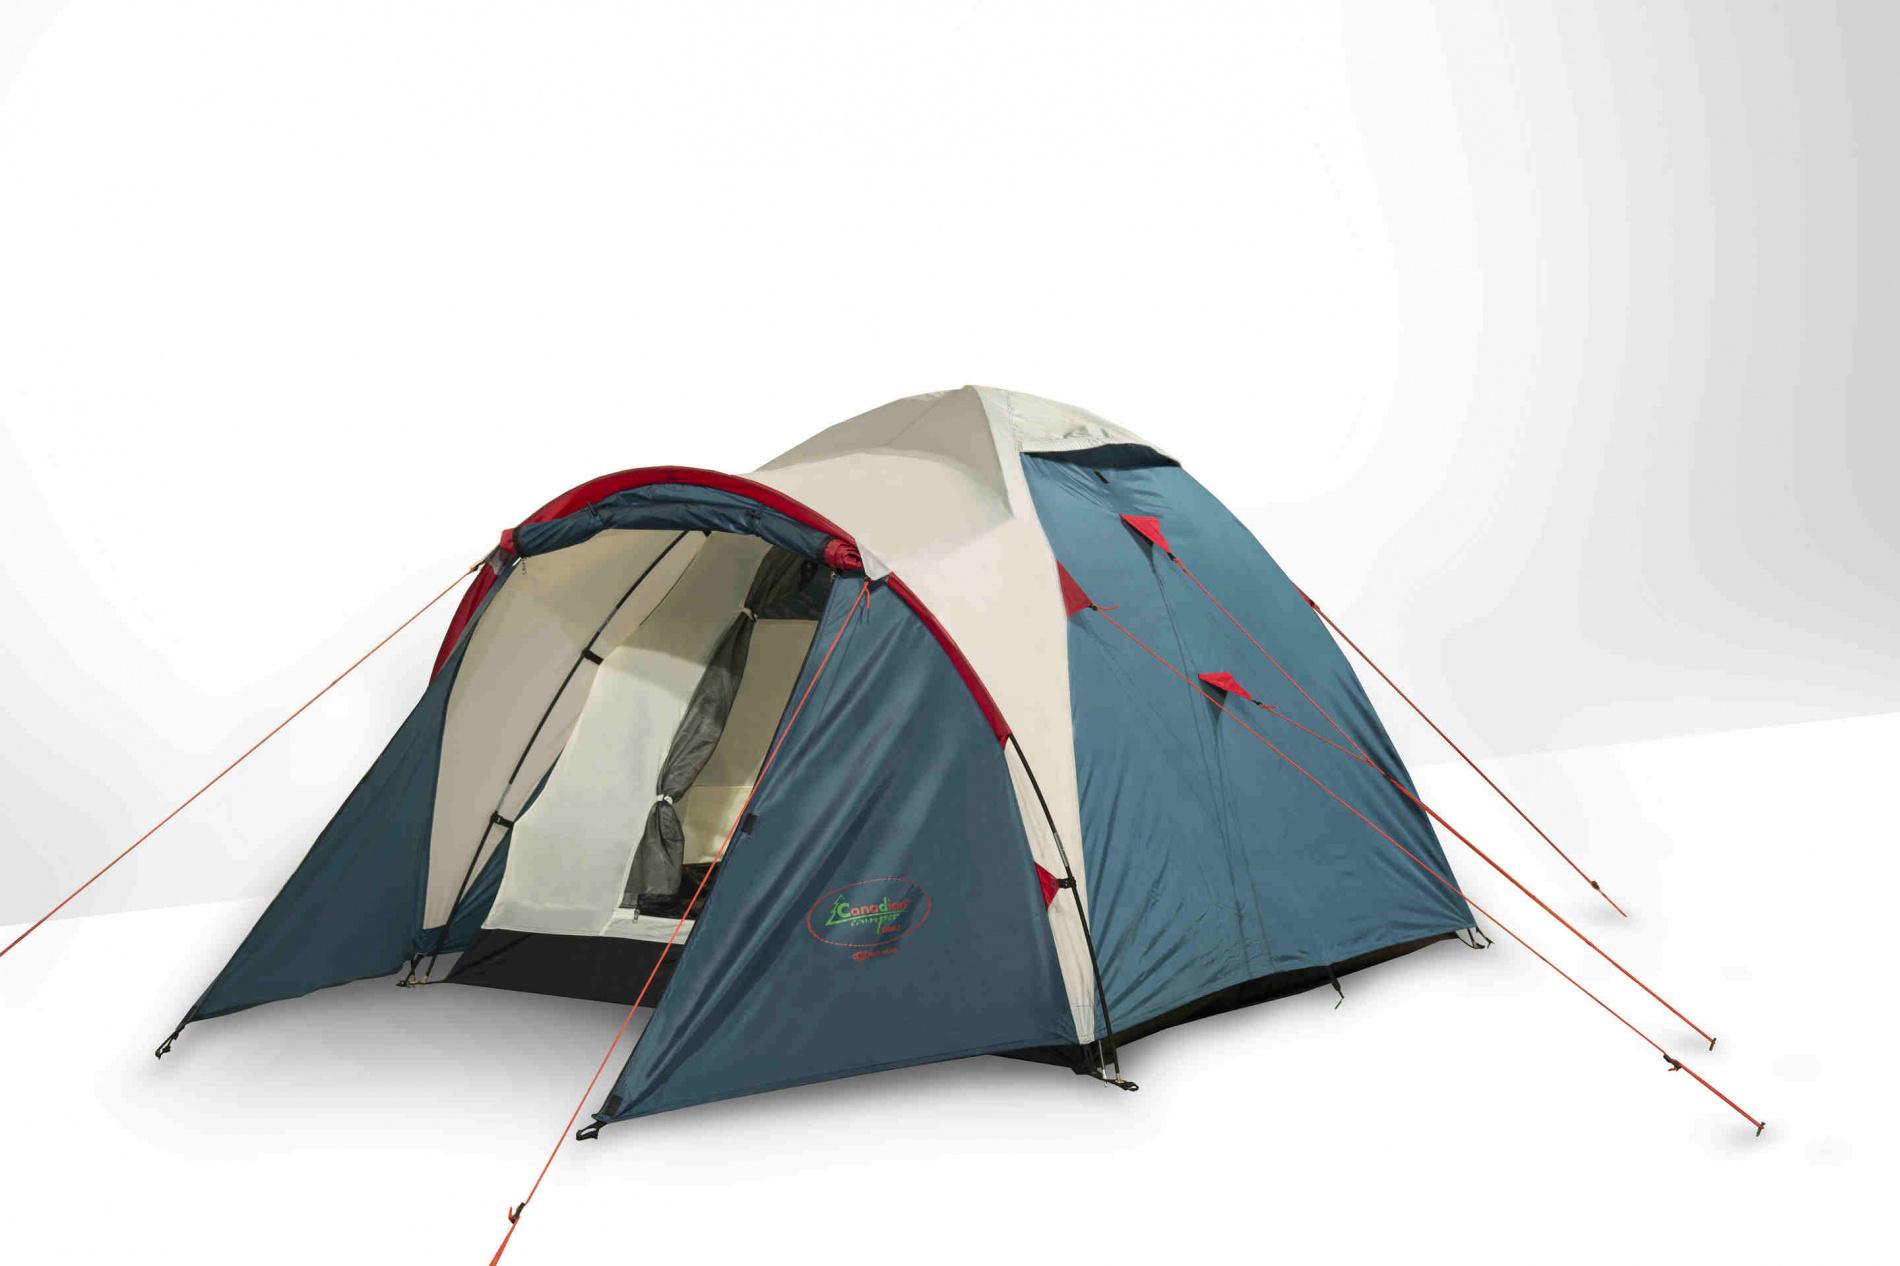 Палатка Canadian Camper KARIBU 2 (цвет royal дуги 8,5мм)Палатки<br>Палатка KARIBU 2 (цвет royal дуги 8,5мм) небольшая <br>уютная, пользуется особой популярностью <br>среди туристов и любителей комфортного <br>отдыха на природе. Ее легко можно брать <br>с собой на небольшой пикник с ночевкой, <br>подойдет она и для пеших походов или многодневного <br>палаточного лагеря. Палатка оснащена небольшим <br>тамбуром для вещей и навесом. Несмотря на <br>небольшие габариты и вес, она позволяет <br>комфортно разместиться небольшой группе <br>из 2-3 человек вместе со снаряжением.&amp;nbsp;<br>Компактная в сложенном виде, но при этом <br>просторная и высокая туристическая палатка <br>Canadian Camper Karibu 2 легко устанавливается.&amp;nbsp;<br>Характеристики Назначение&amp;nbsp; -&amp;nbsp; трекинговая<br>Внутренняя палатка&amp;nbsp; -&amp;nbsp; есть<br>Количество мест - 2<br>Тип каркаса&amp;nbsp; -&amp;nbsp;внешний<br>Геометрия - полусфера<br>Количество входов / комнат&amp;nbsp; -&amp;nbsp; 2 / 1<br>Количество тамбуров&amp;nbsp; -&amp;nbsp; 1<br>Количество вентиляционных окон&amp;nbsp; -&amp;nbsp; <br>2<br>Окна&amp;nbsp; -&amp;nbsp; нет<br>Внутренние карманы&amp;nbsp; -&amp;nbsp; есть<br>Навес&amp;nbsp; -&amp;nbsp; нет<br>Возможность крепления фонарика&amp;nbsp; -&amp;nbsp; <br>есть<br>Водостойкость тента/дна&amp;nbsp; -&amp;nbsp; 4000 / 6000 <br>мм в.ст.<br>Герметизация швов&amp;nbsp; -&amp;nbsp; проклеенные<br>Ветрозащитная/снегозащитная юбка&amp;nbsp; -&amp;nbsp; <br>нет<br>Противомоскитная сетка&amp;nbsp; -&amp;nbsp; есть<br>Защита от ультрафиолета&amp;nbsp; -&amp;nbsp; есть<br>Материал тента&amp;nbsp; -&amp;nbsp; полиэстер (75D 190T <br>PU)<br>Материал дна&amp;nbsp; -&amp;nbsp; полиэстер (75D 190T PU)<br>Материал внутренней палатки&amp;nbsp; -&amp;nbsp; полиэстер<br>Огнеупорная пропитка&amp;nbsp; -&amp;nbsp; есть<br>Материал дуг&amp;nbsp; -&amp;nbsp; стеклопластик<br>Размеры внешней палатки (ДхШхВ)&amp;nbsp; -&amp;nbsp; <br>310x160x135 см<br>Размеры внутренней палатки (ДхШ